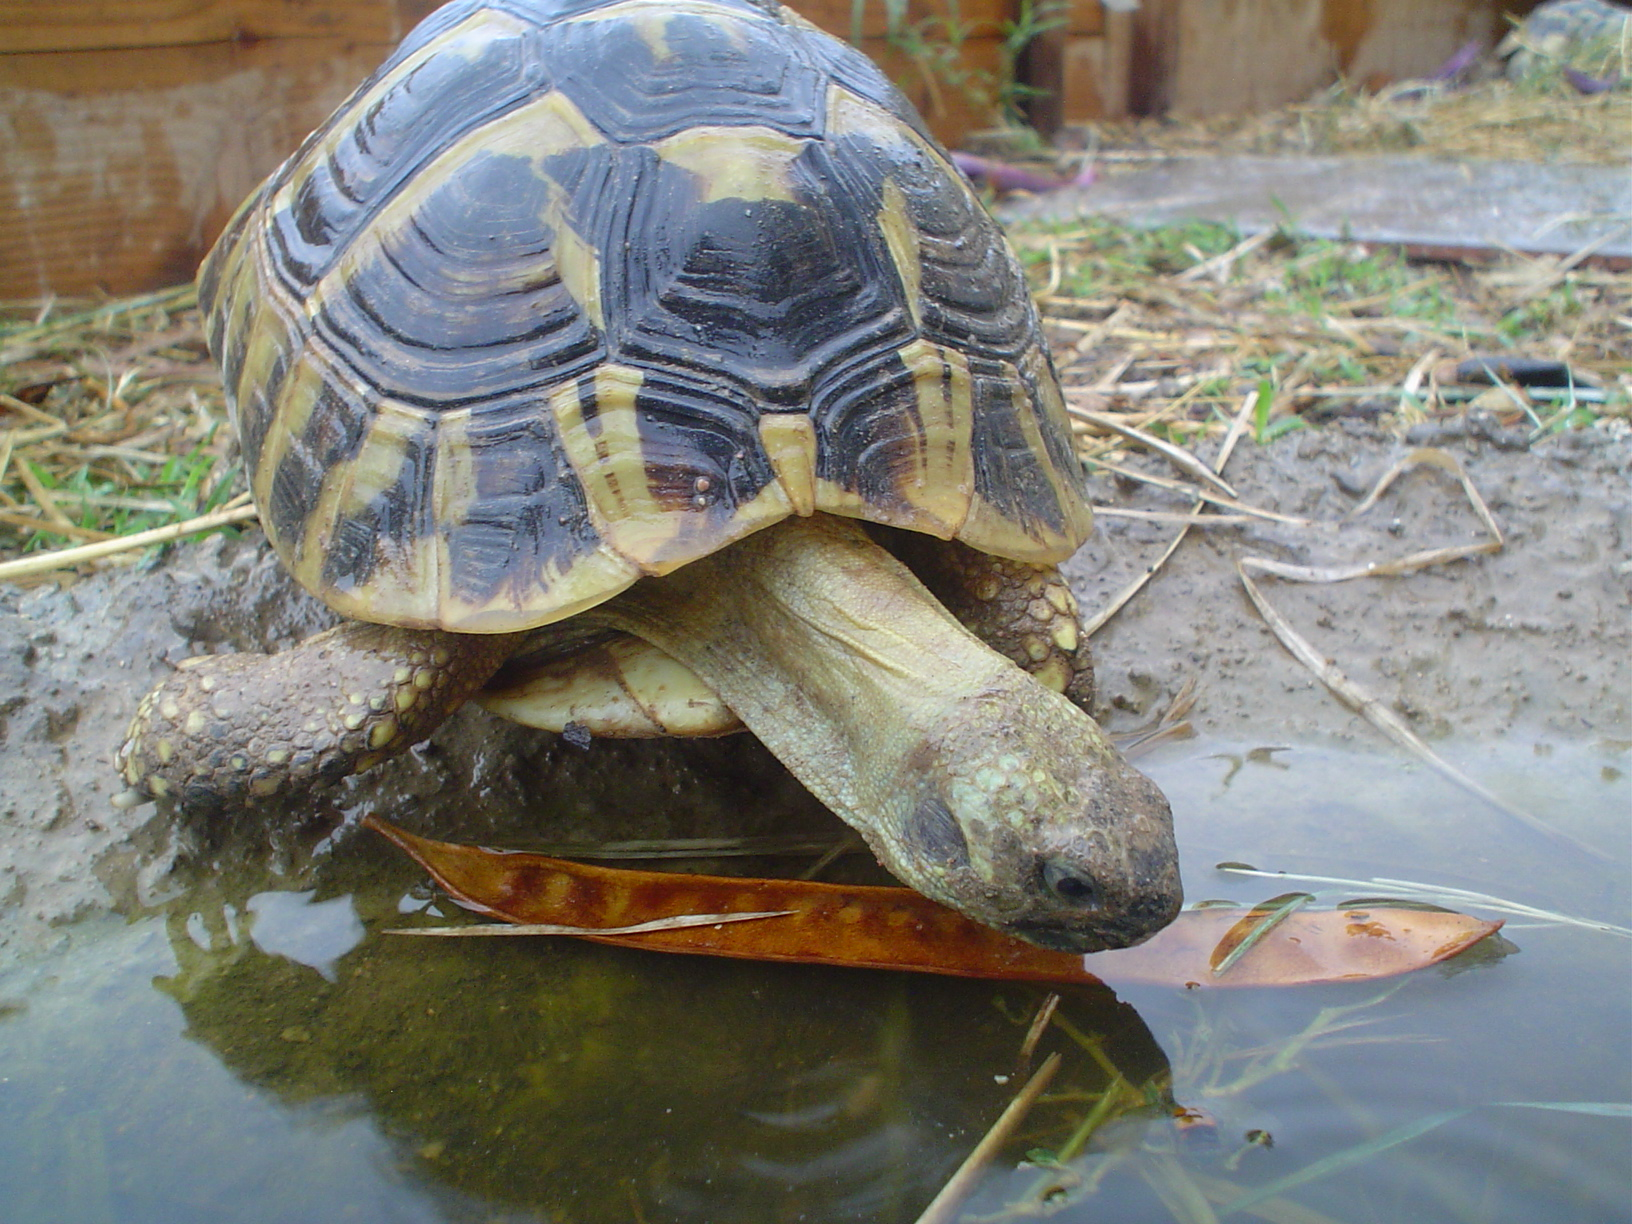 Eastern Hermann's Tortoise Pairs